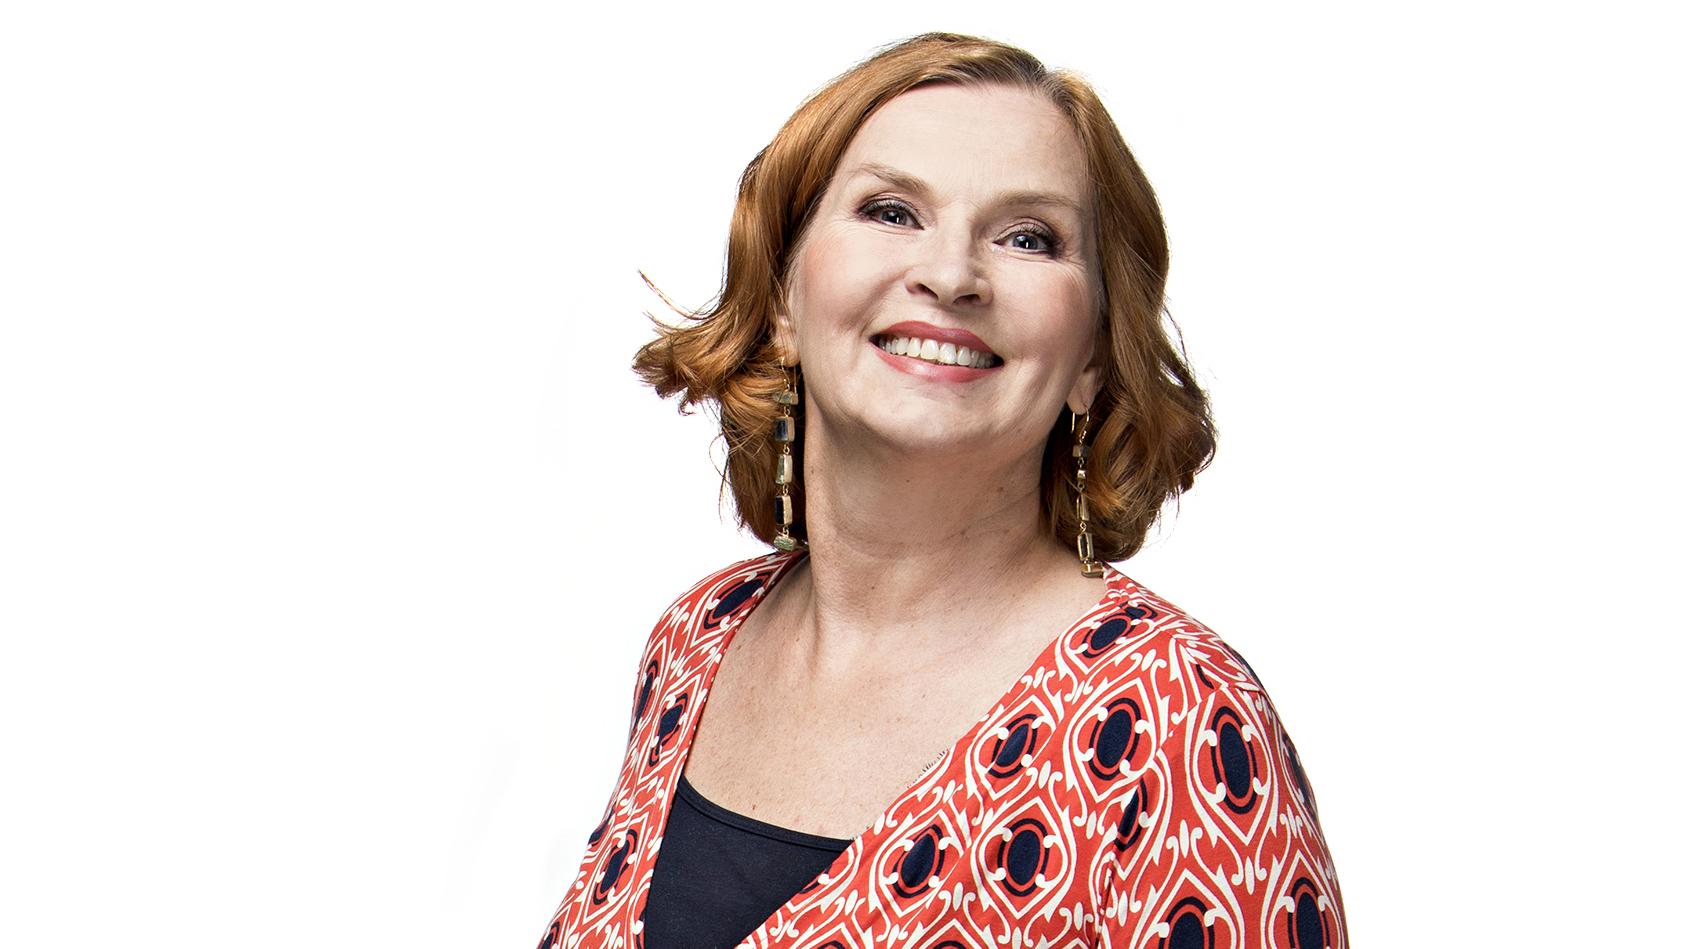 Viva-lehden kolumnisti, näyttelijä ja vuorovaikutuskouluttaja Sari Havas.